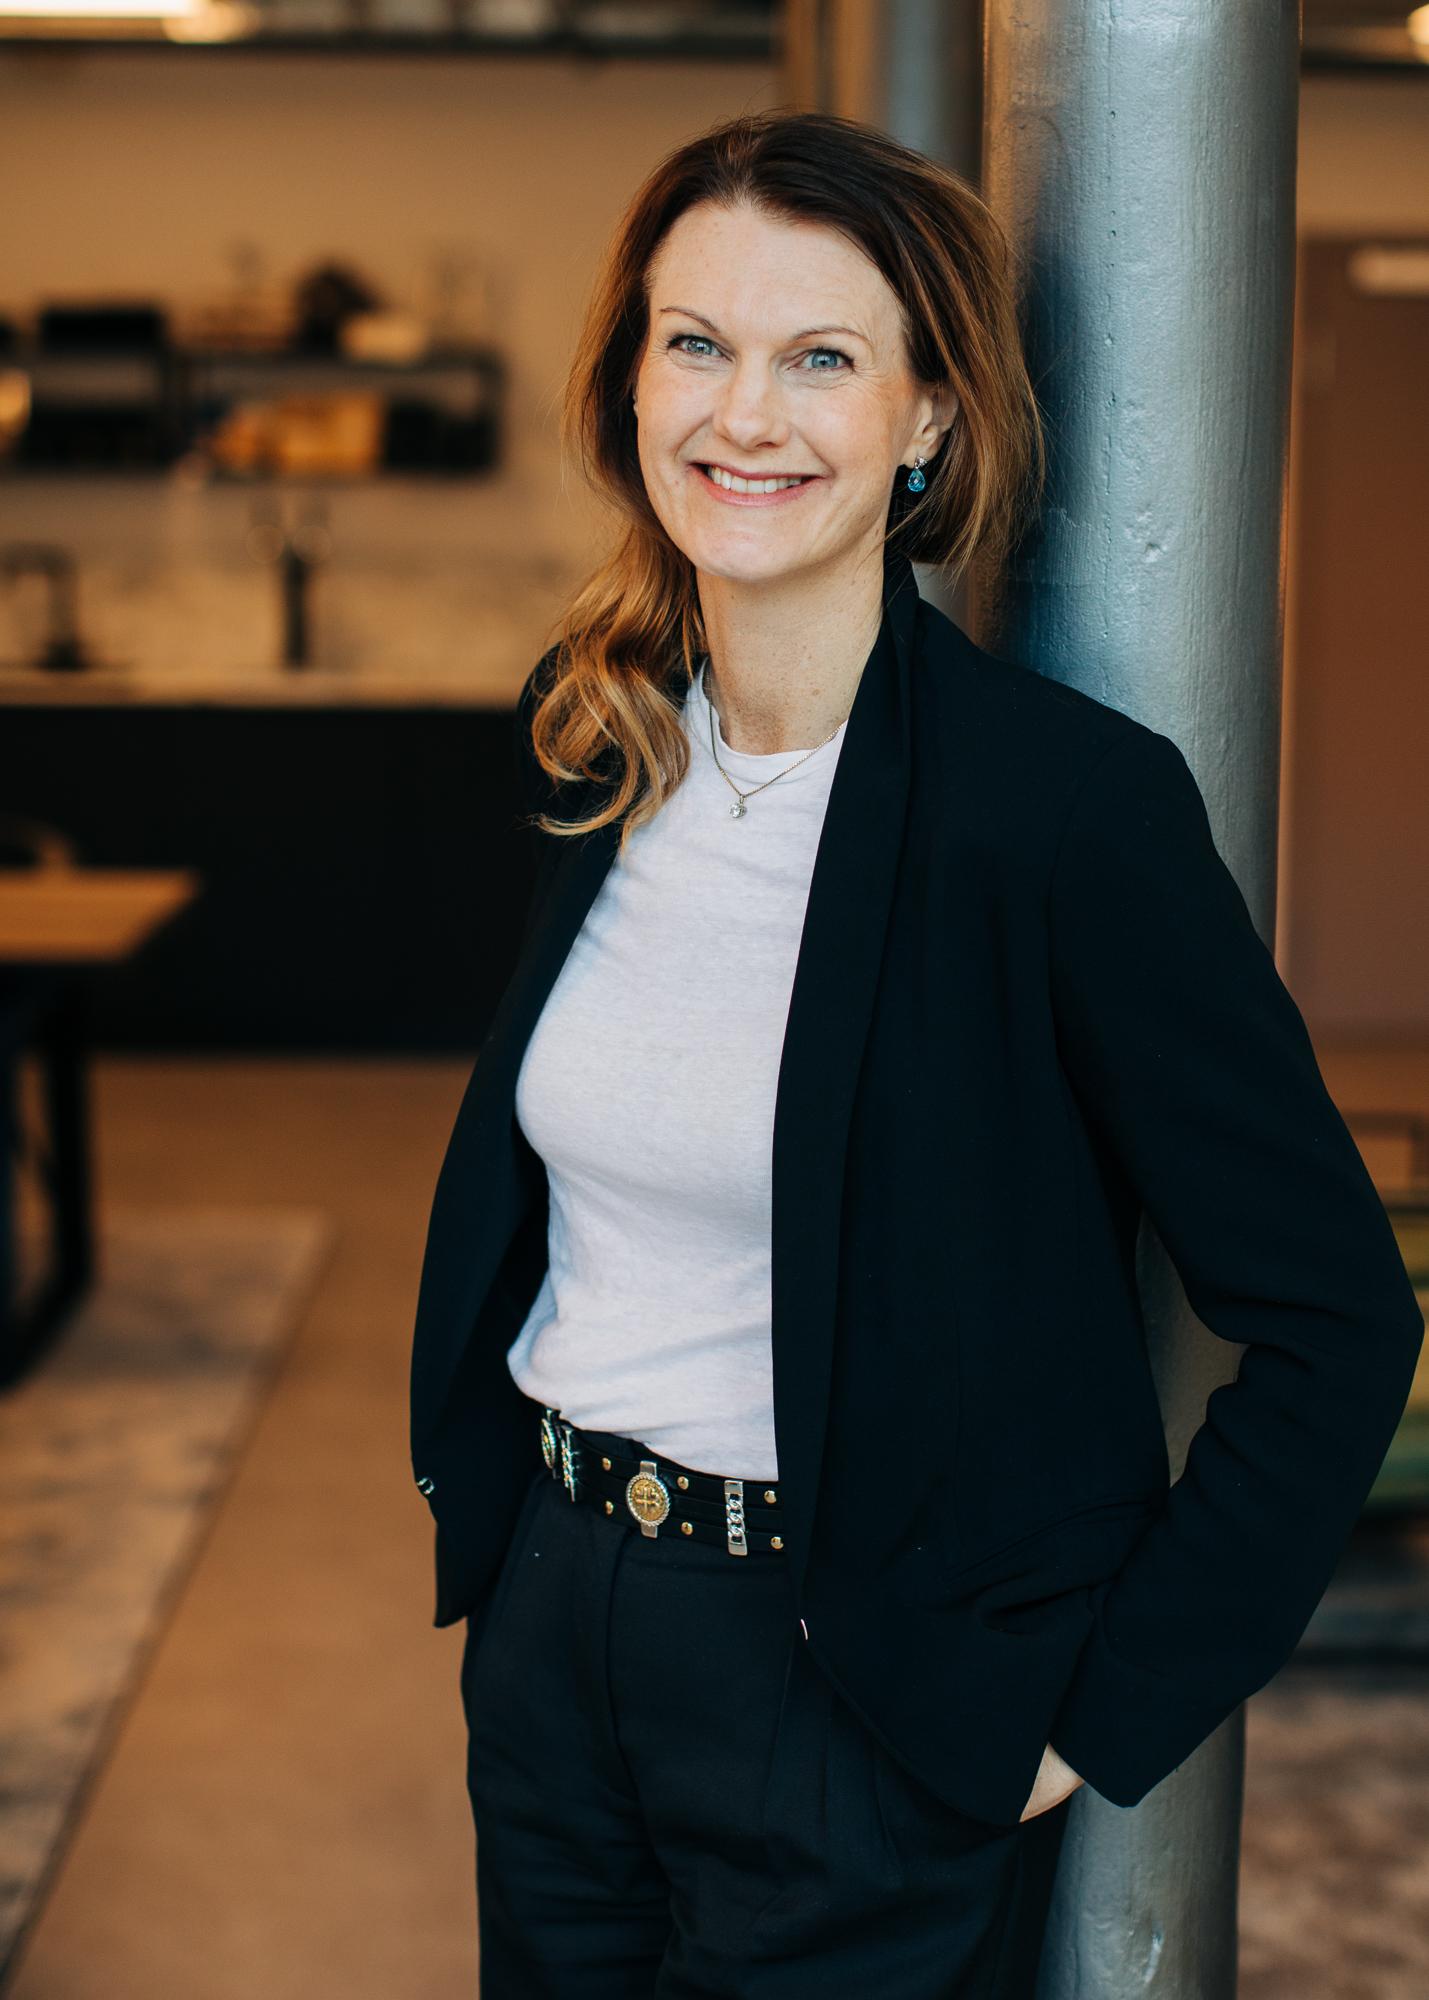 Lina Bergkvist